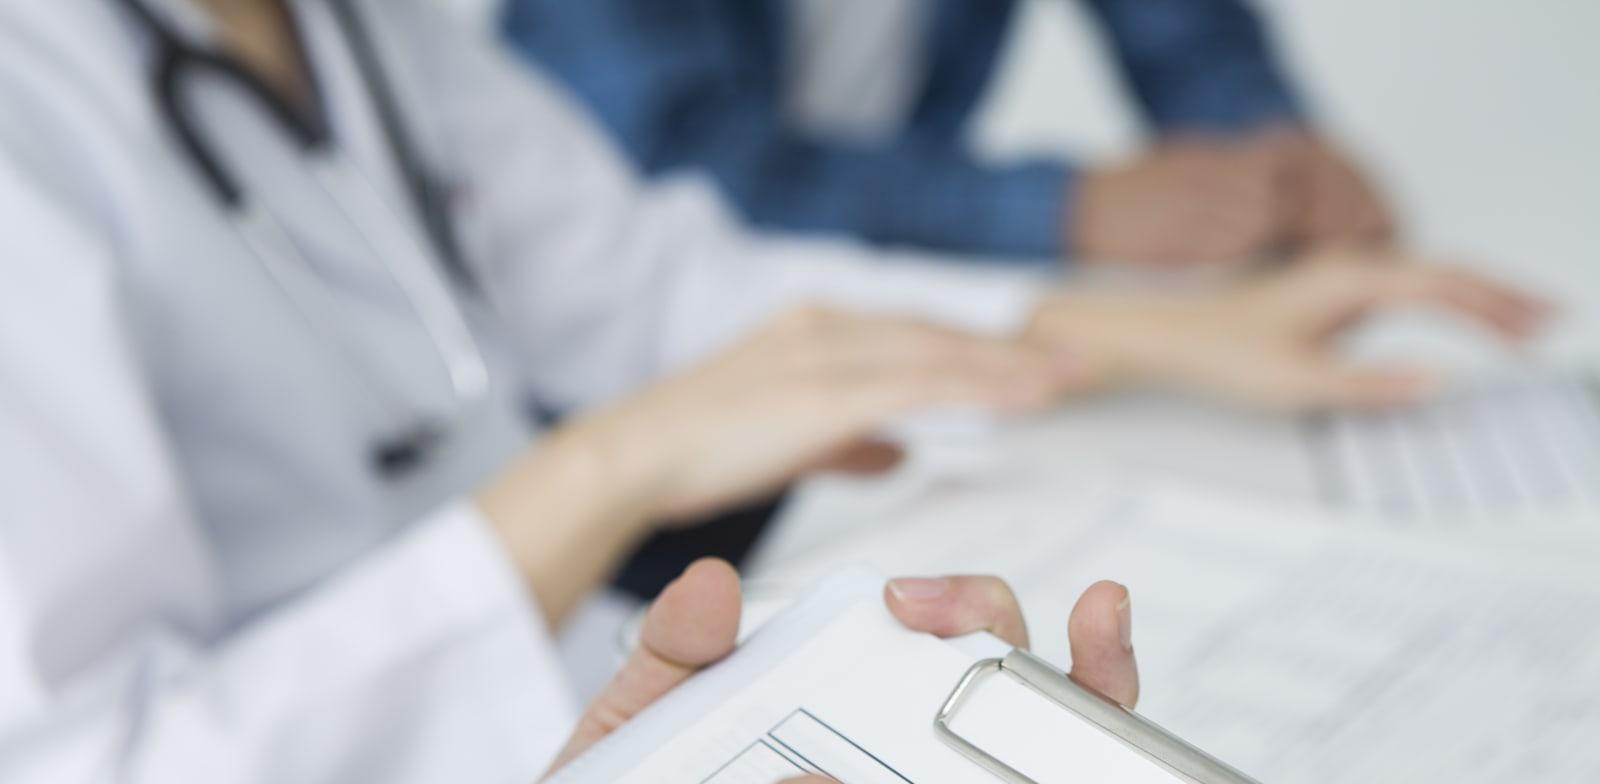 את המידע הרפואי עבור מחקר צריך לדעת איך לאסוף / צילום: Shutterstock